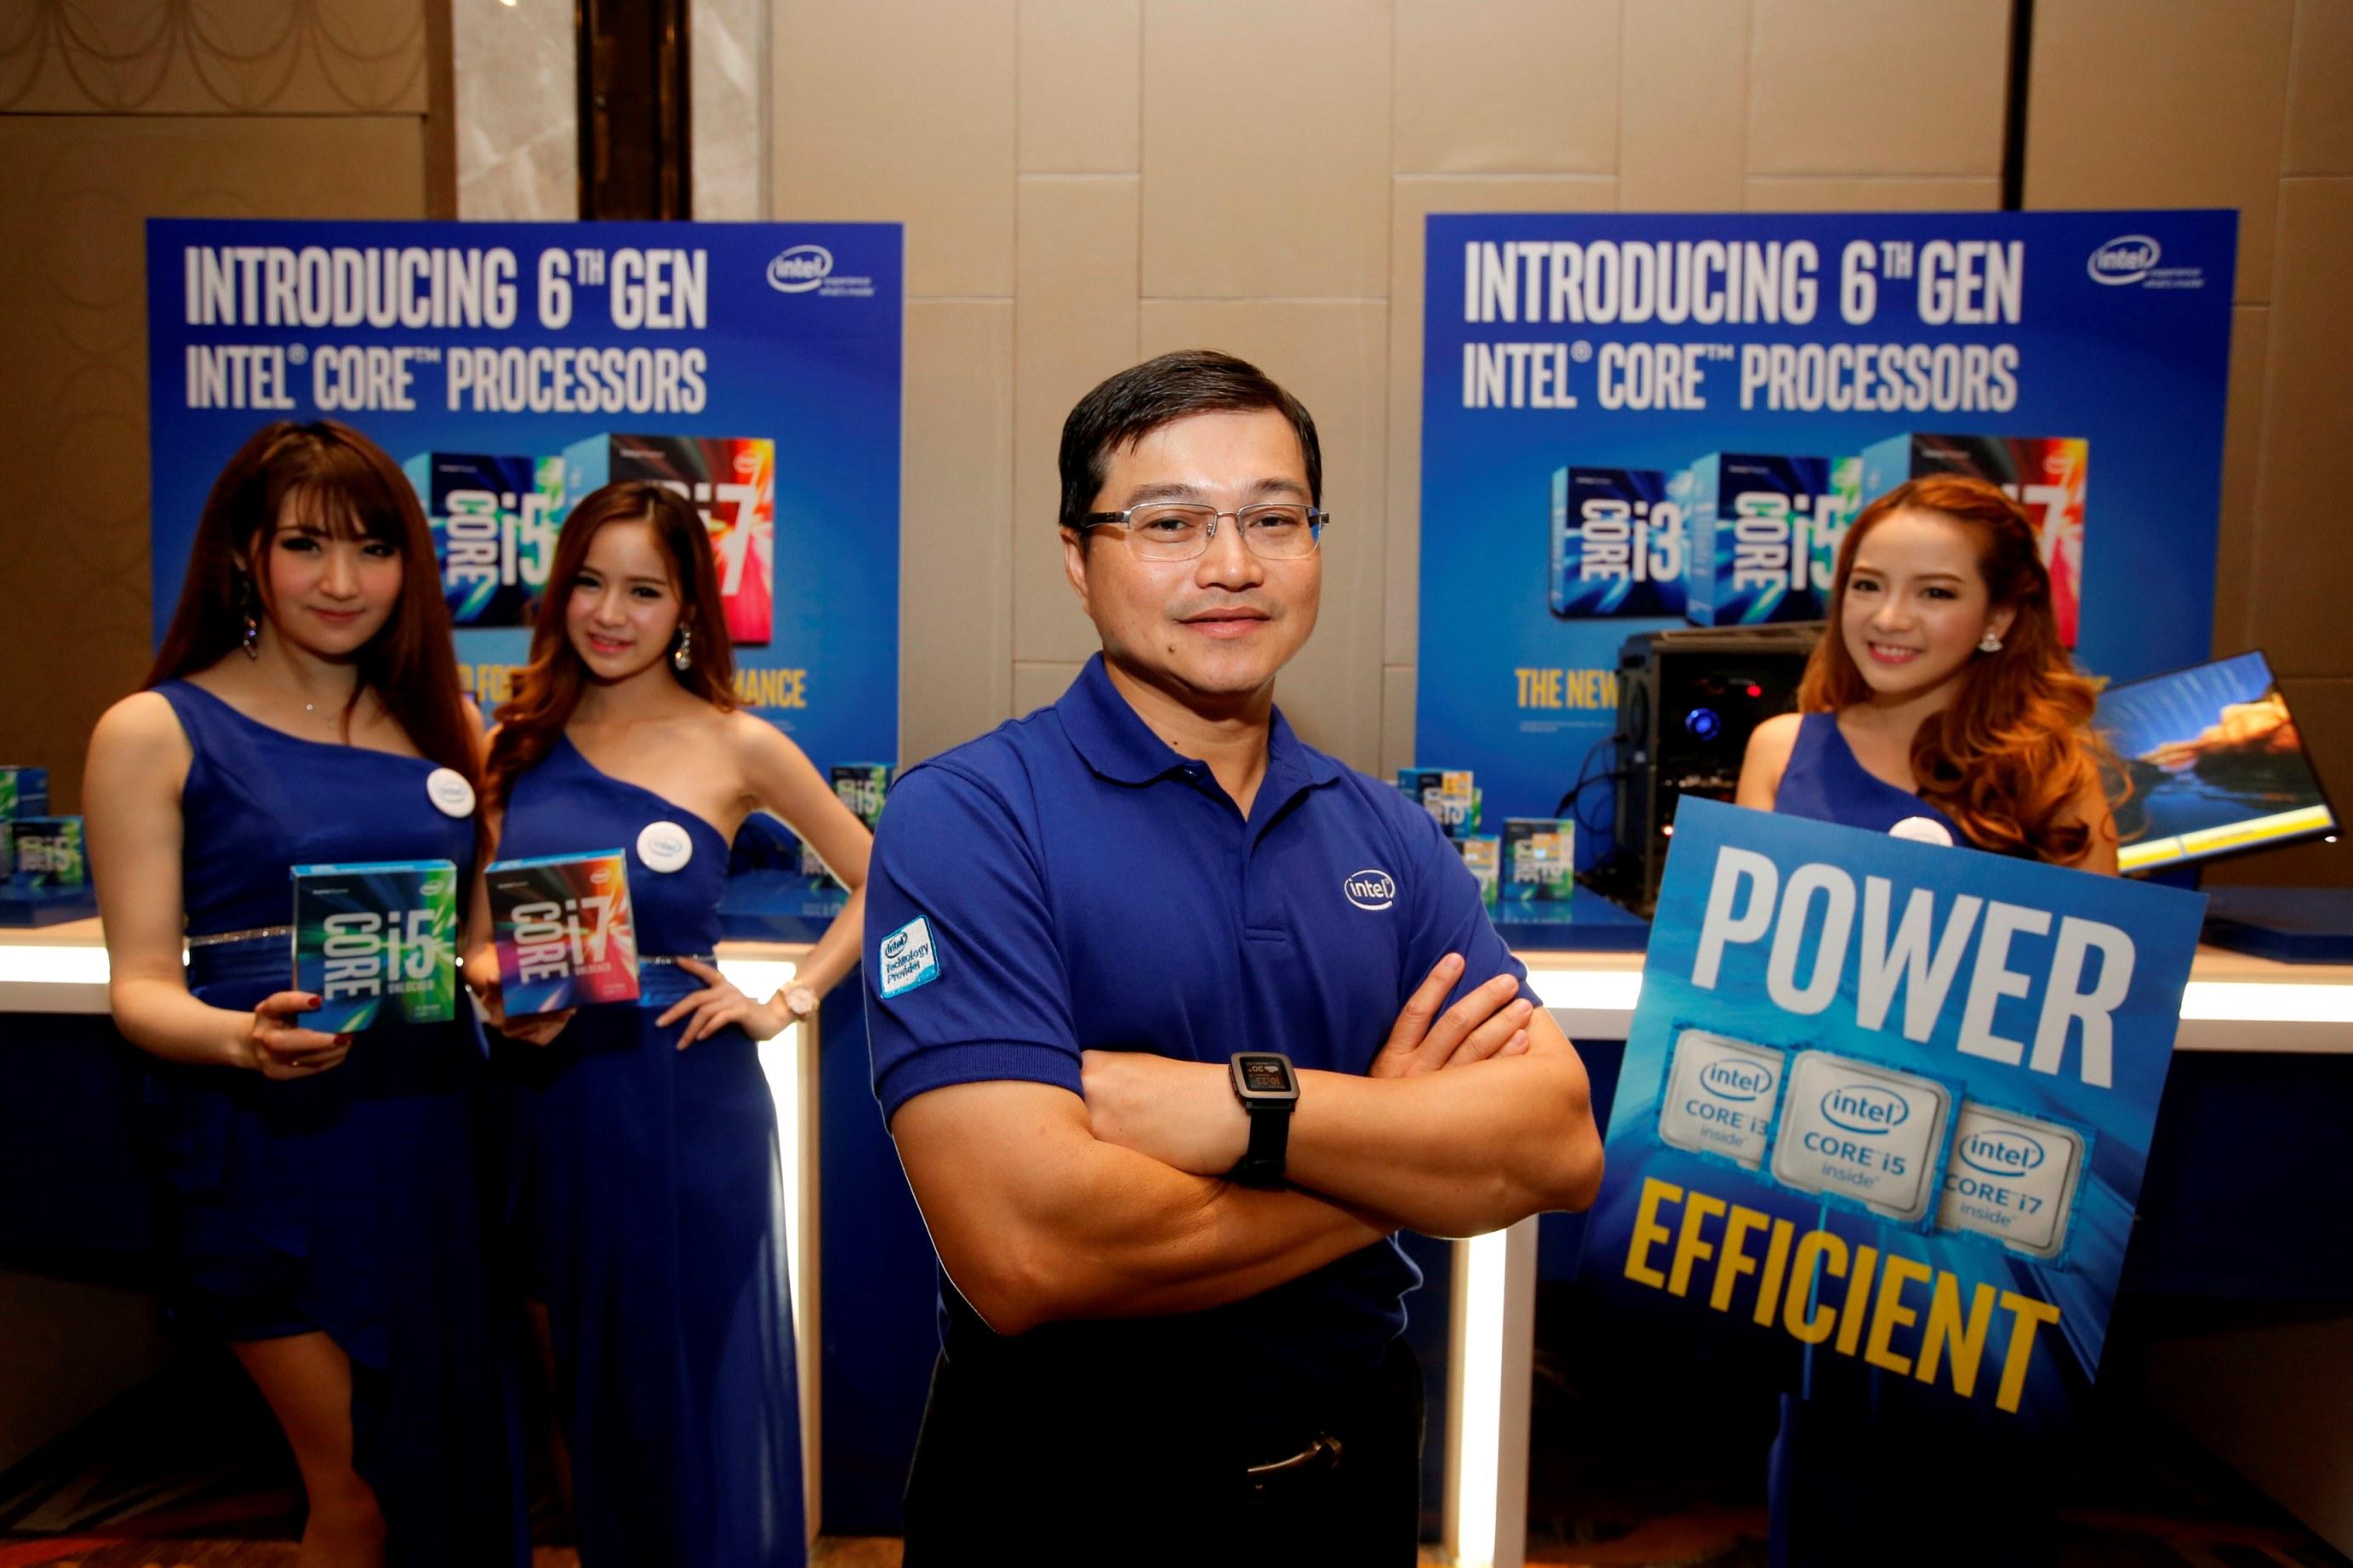 Intel 6th Gen Launch_5